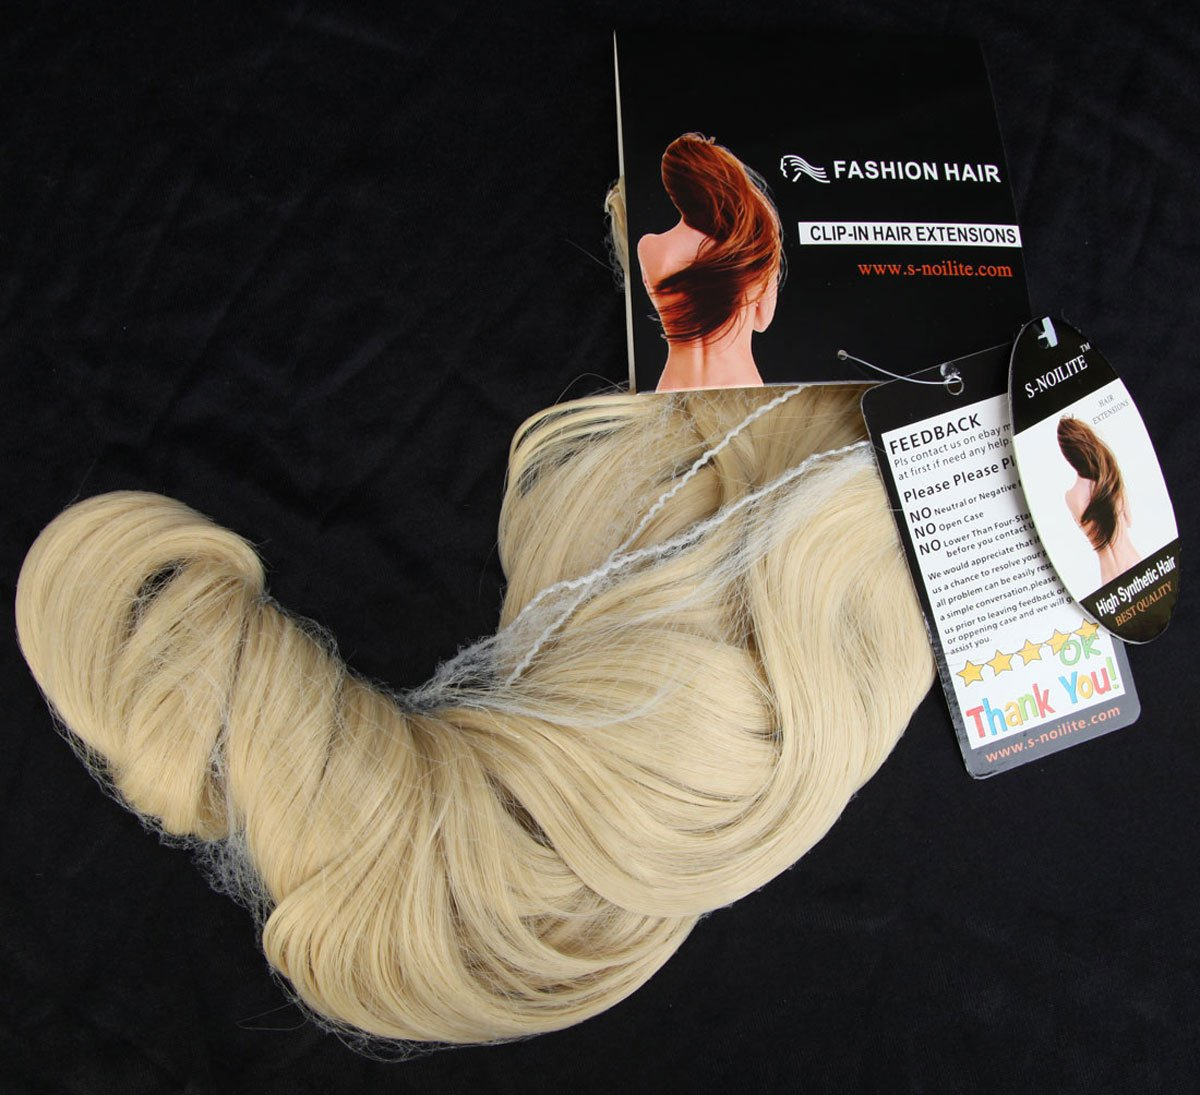 S de noilite 60 cm de clip en pelo notebook 3/4 peluca Clip en extensiones pelo garantía Gel ockt Ondulado un tresse pelo (descolorante Rubio): Amazon.es: ...